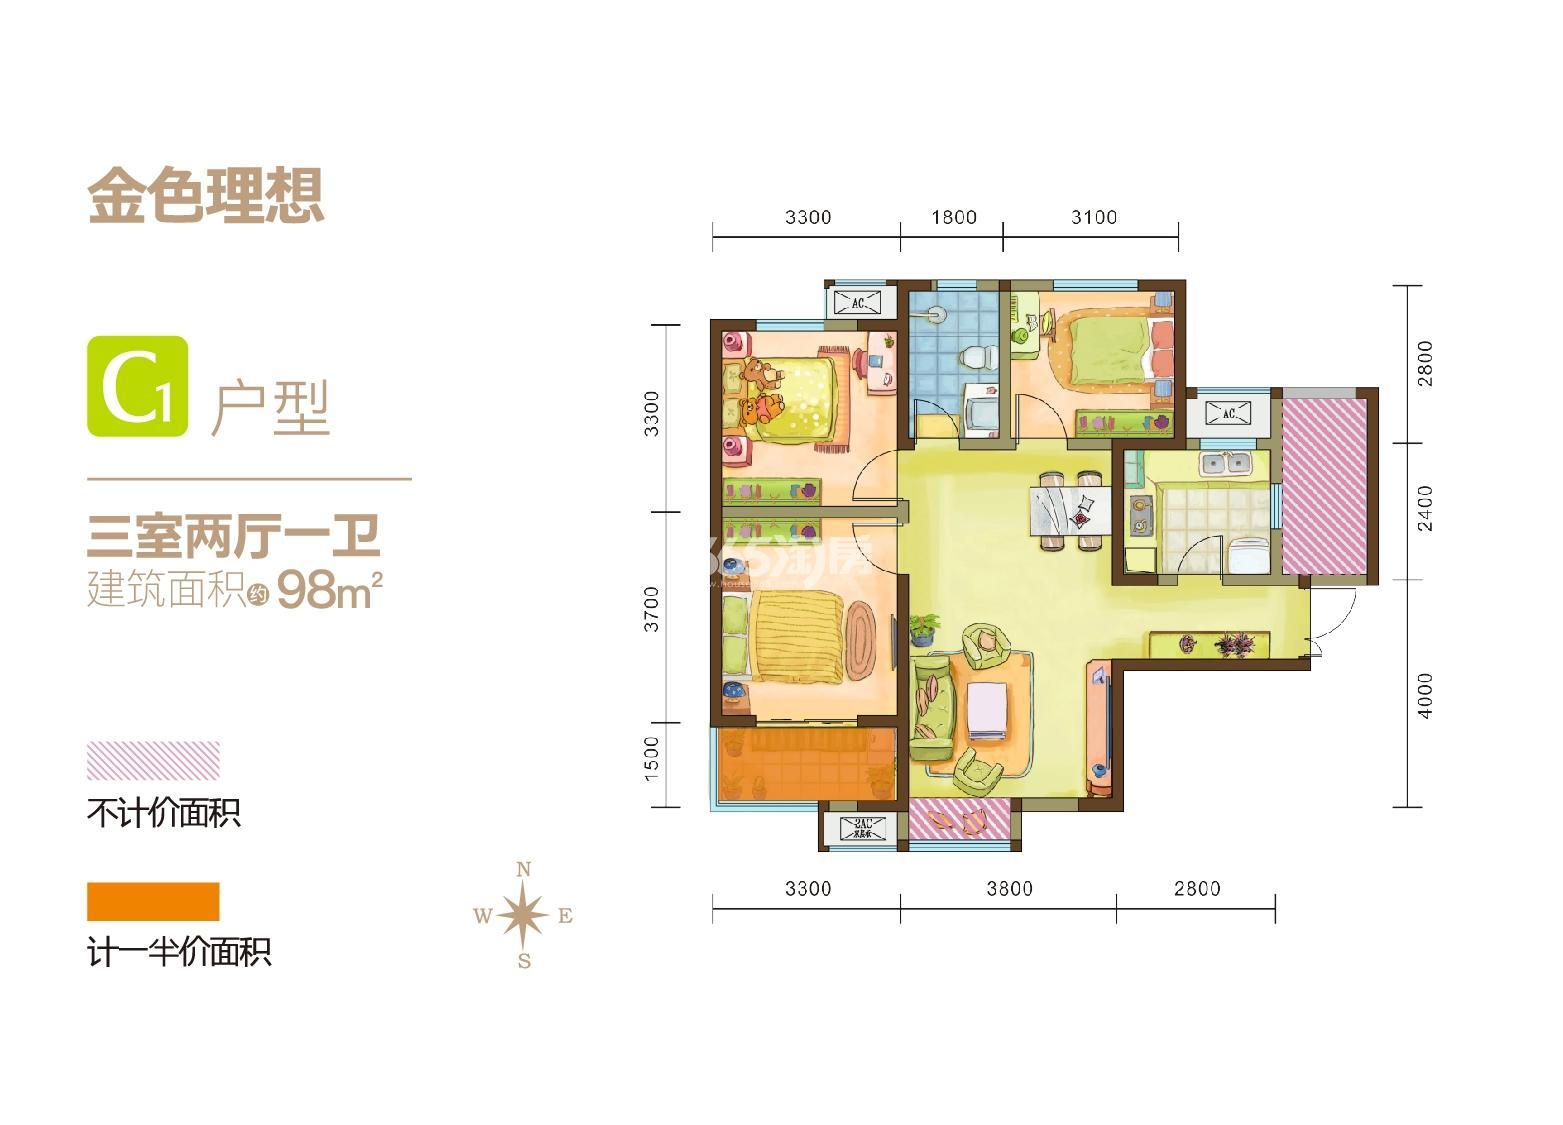 御锦城C1户型三室两厅一卫98㎡户型图